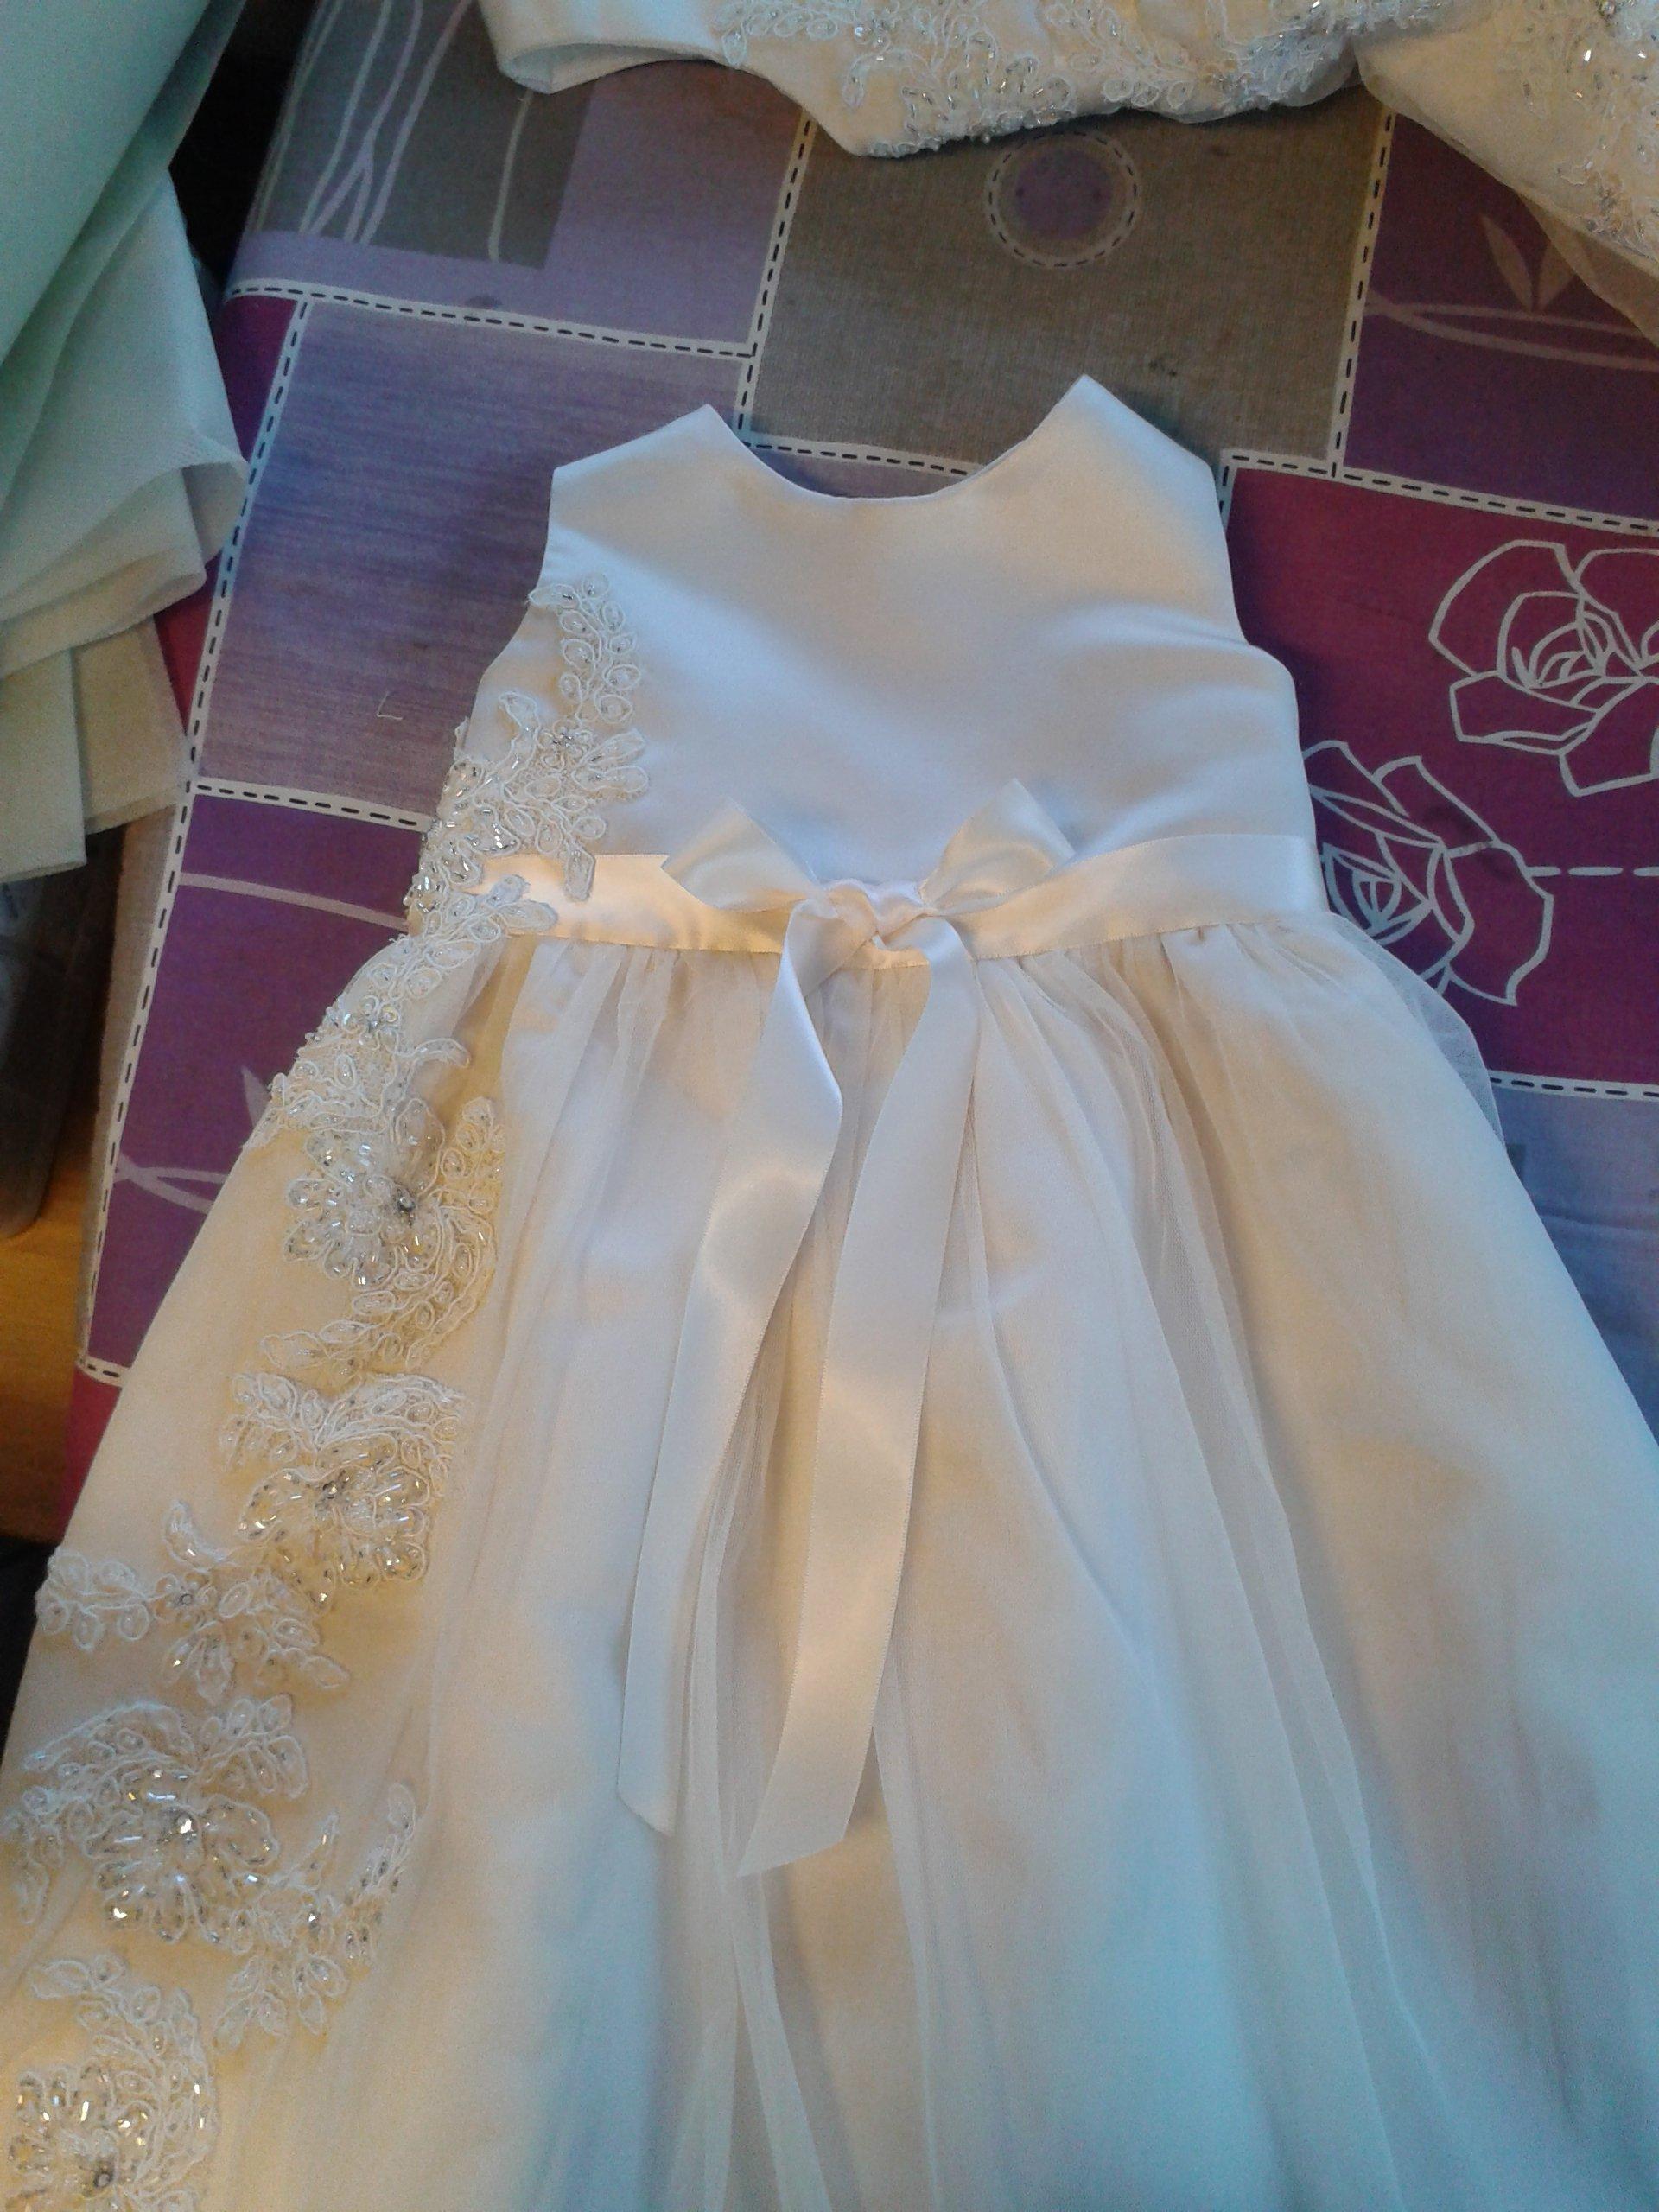 vestito bianco da bambina con inserti laterali di fiori con pailletes